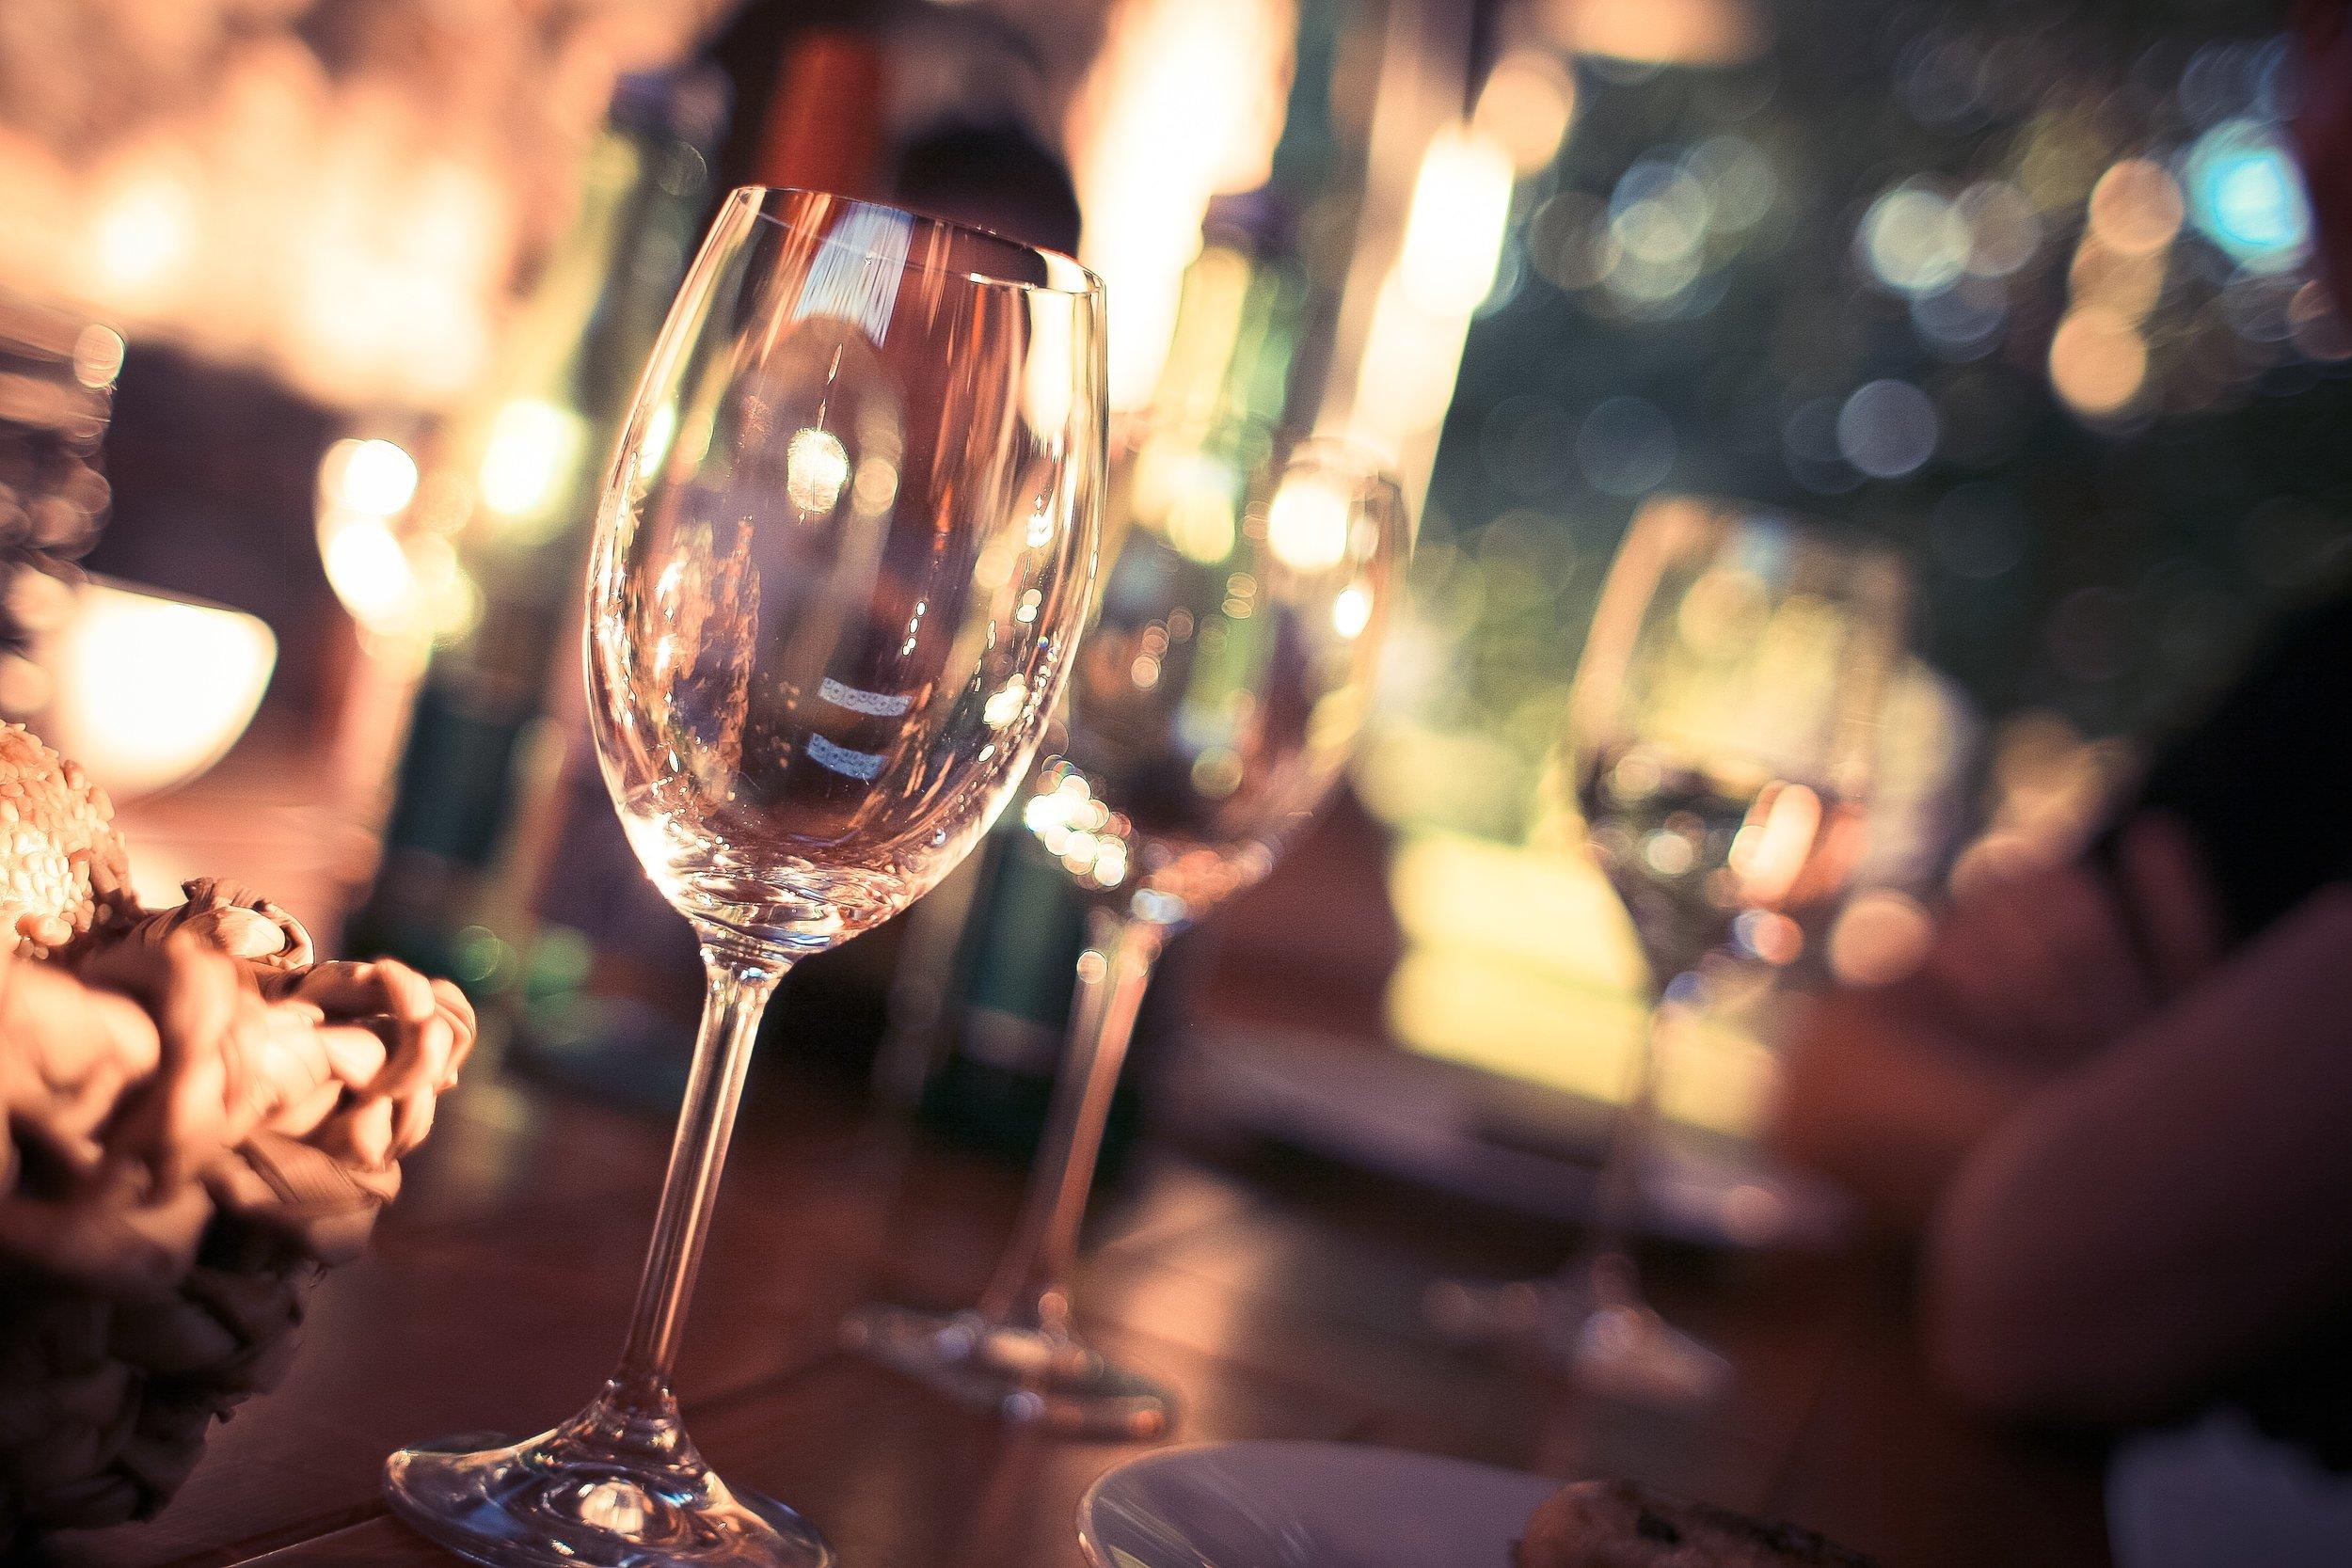 glass-for-wine-picjumbo-com.jpg